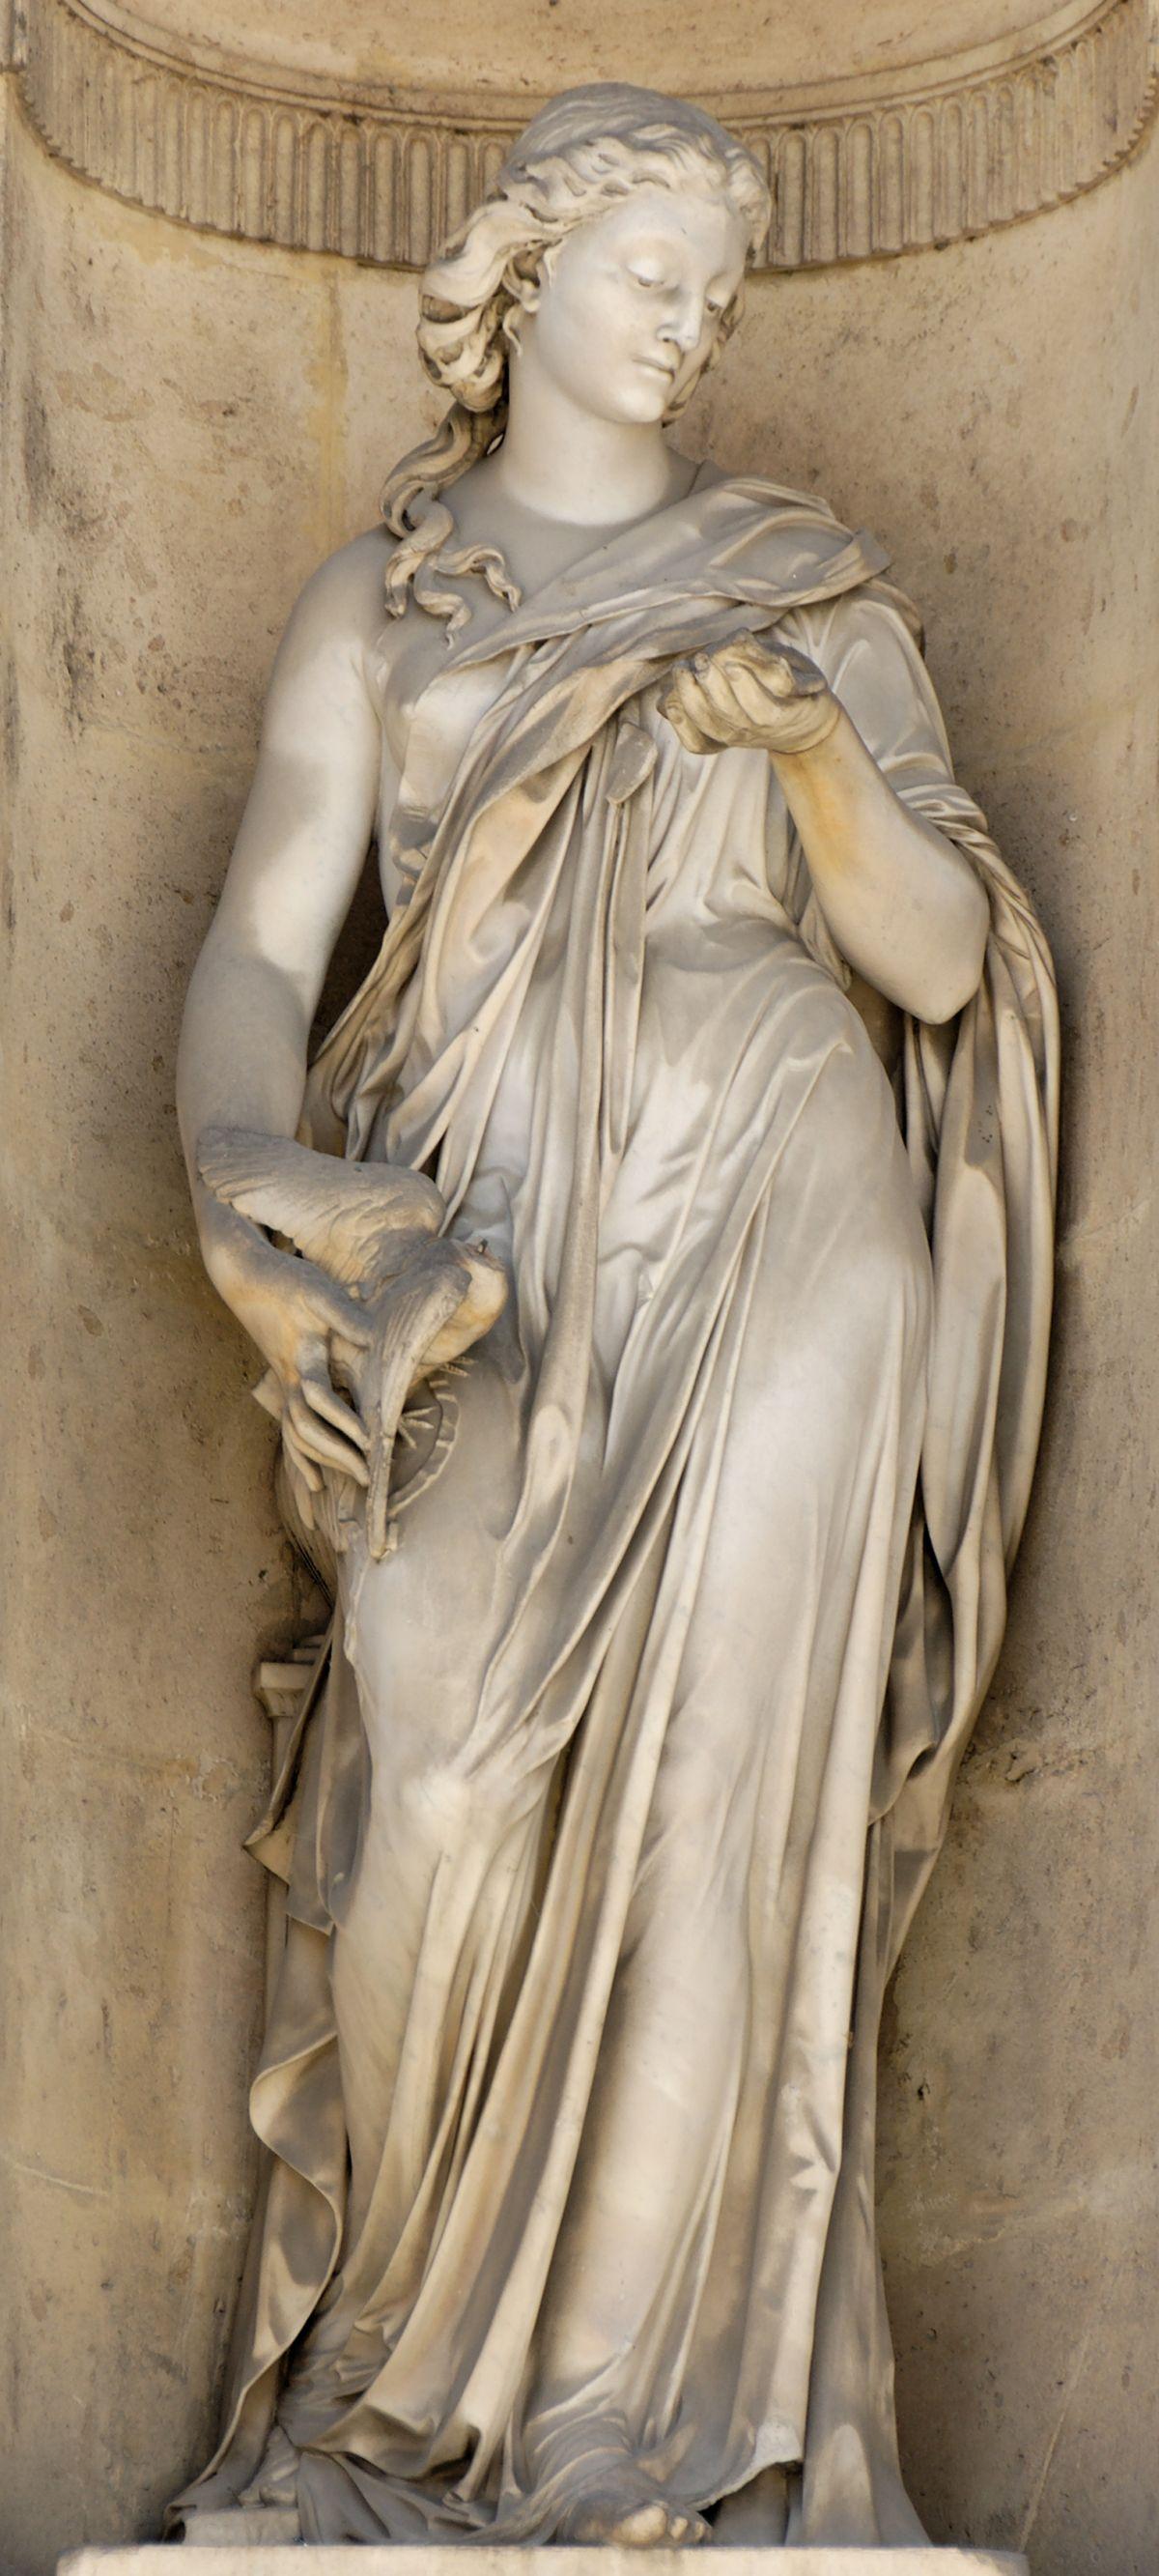 Statue le Message (Cour carrée du Louvre à Paris – réalisé par Alexandre Oliva